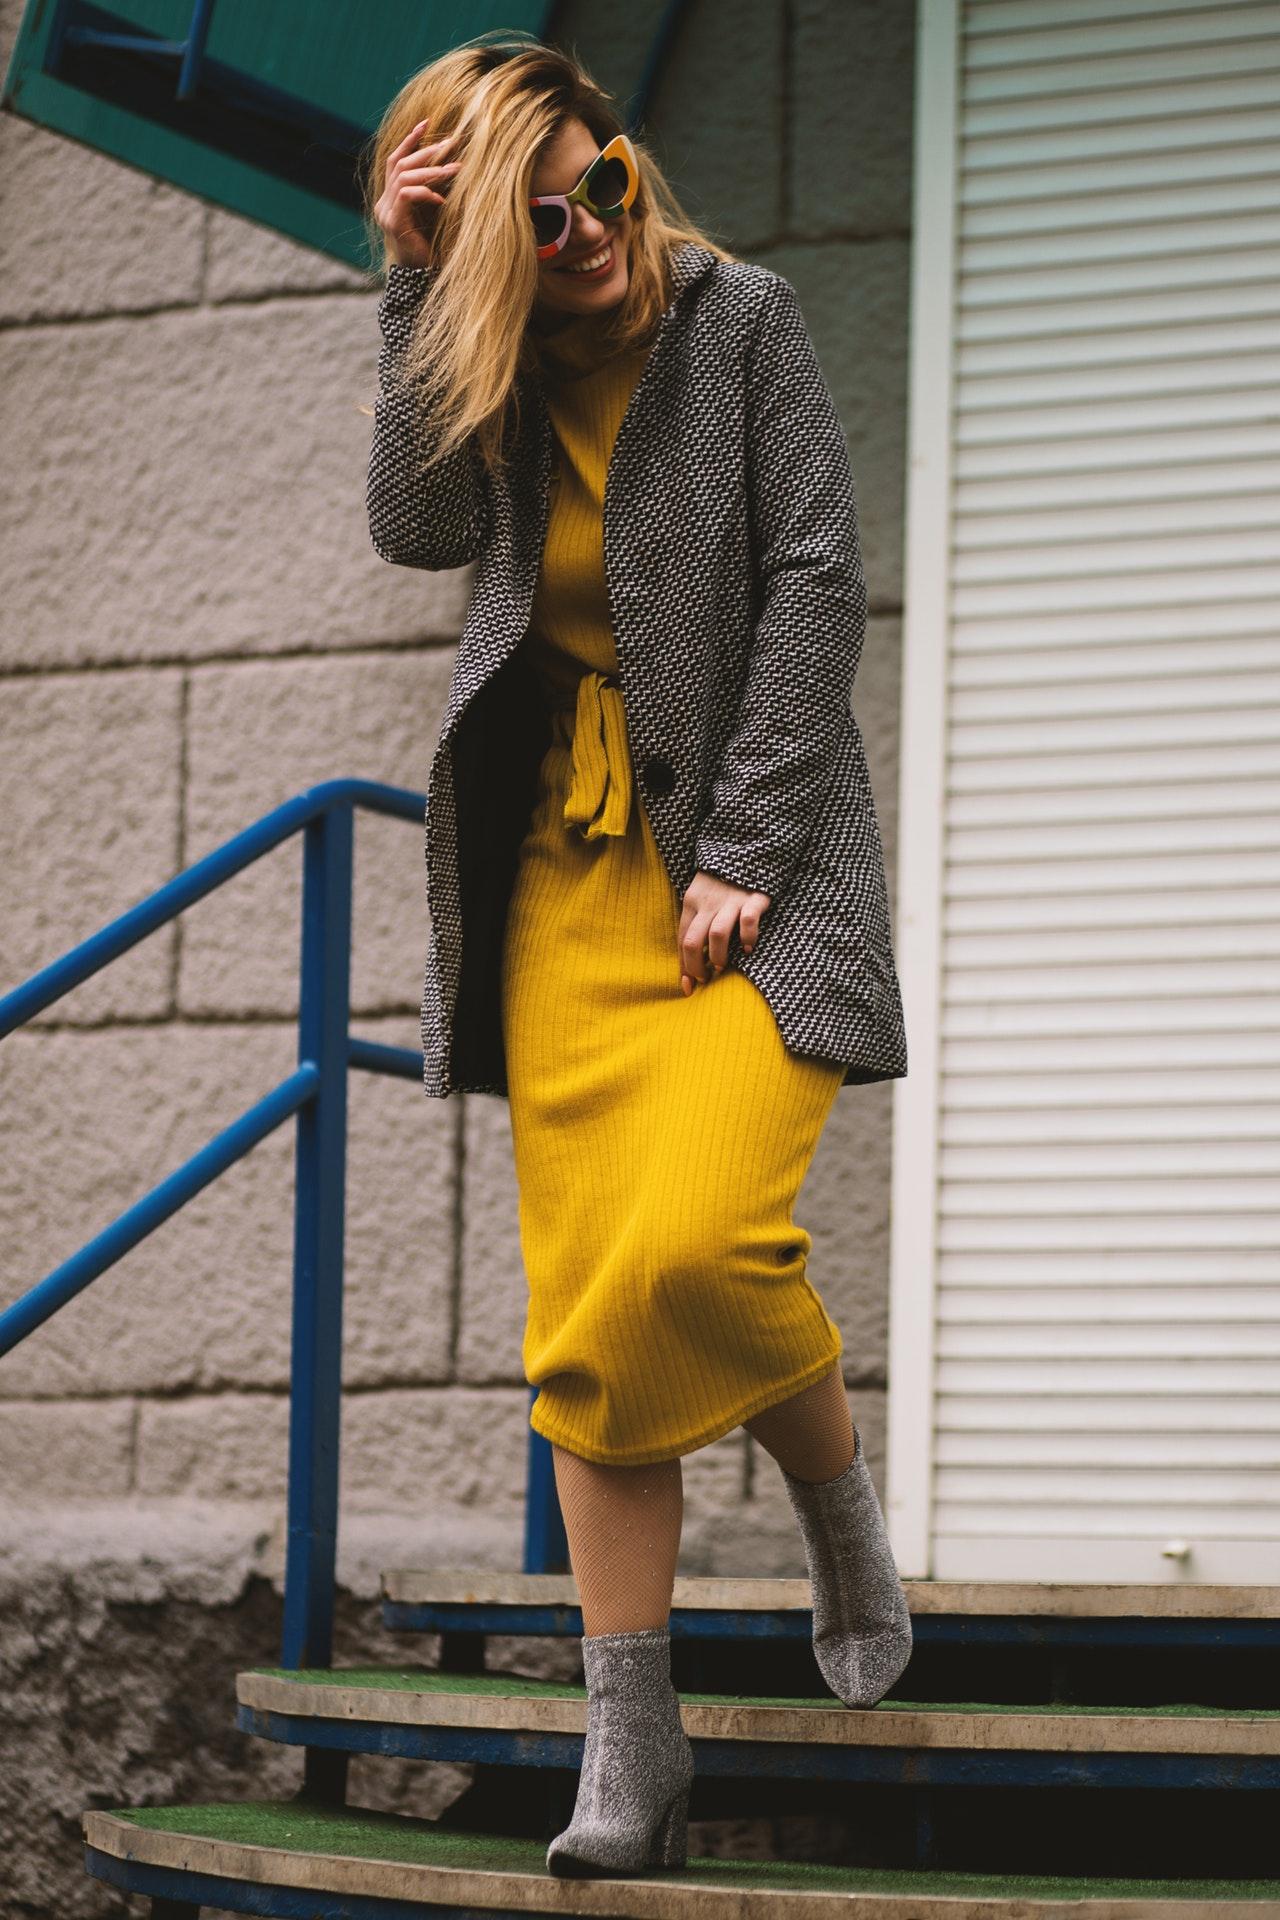 woman wearing a yellow knit dress